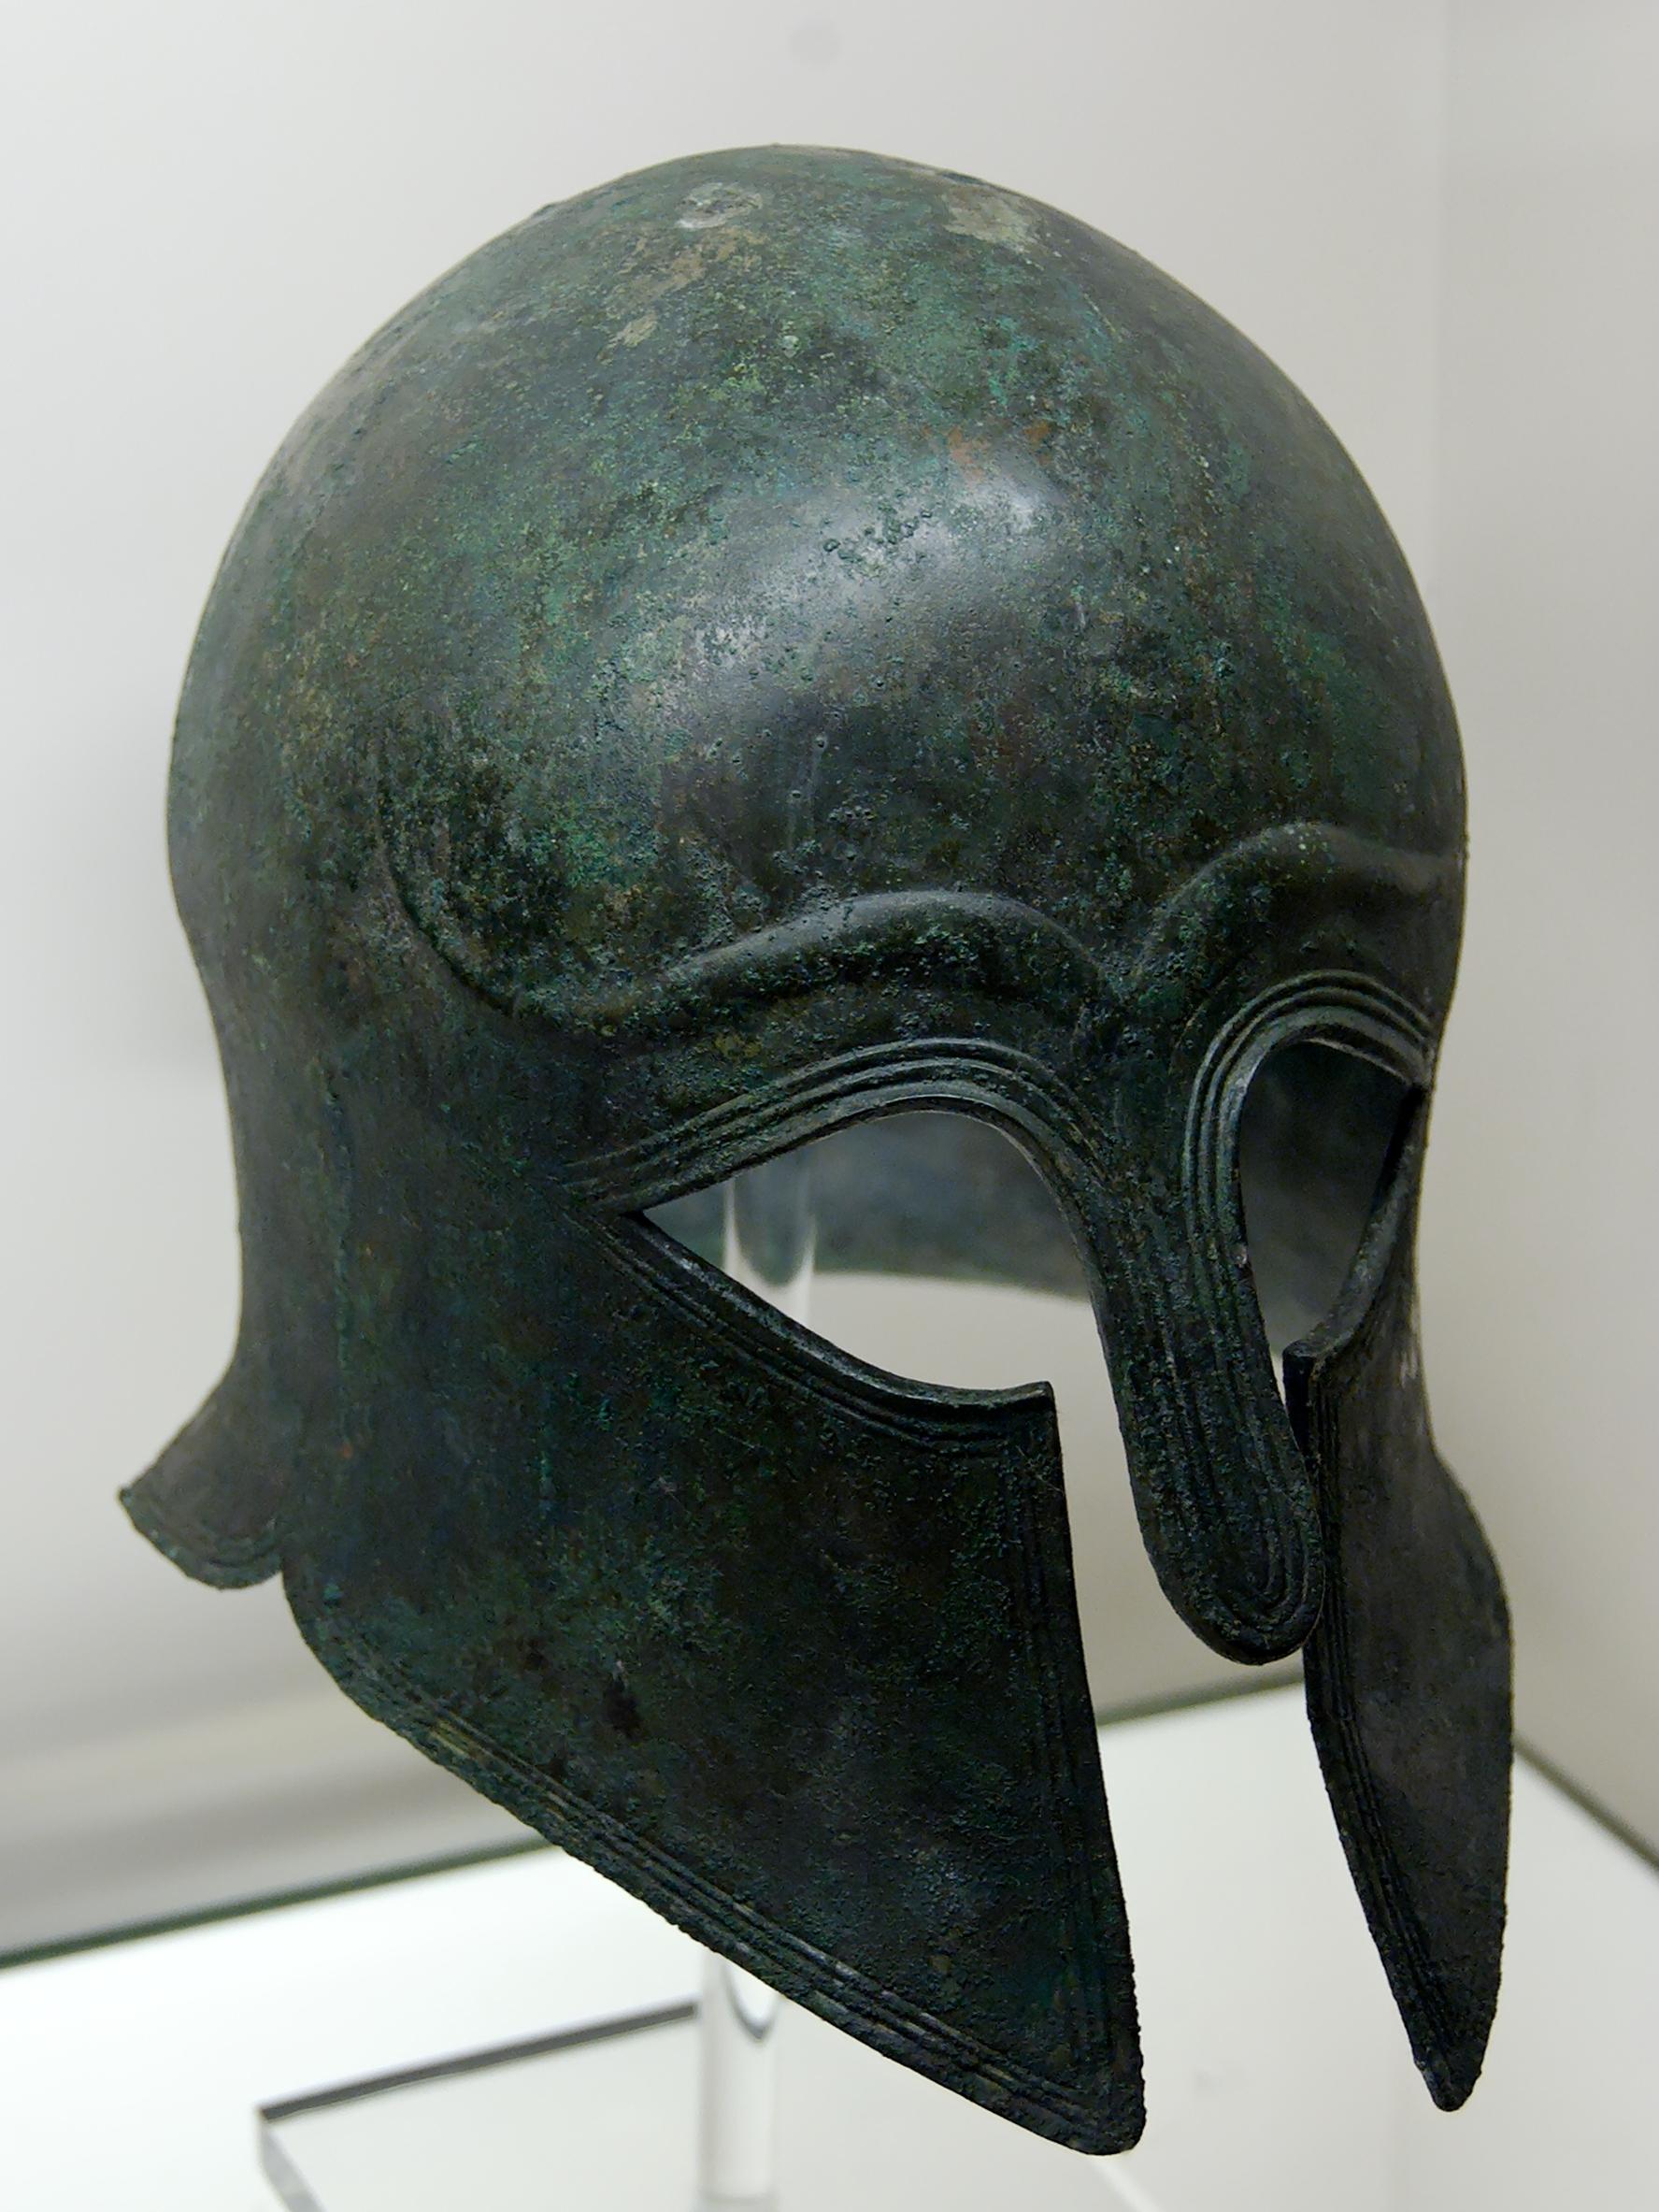 Corinthian helmet BM 2838 Ngang nhiên thị trường mũ bảo hiểm không rõ xuất xứ